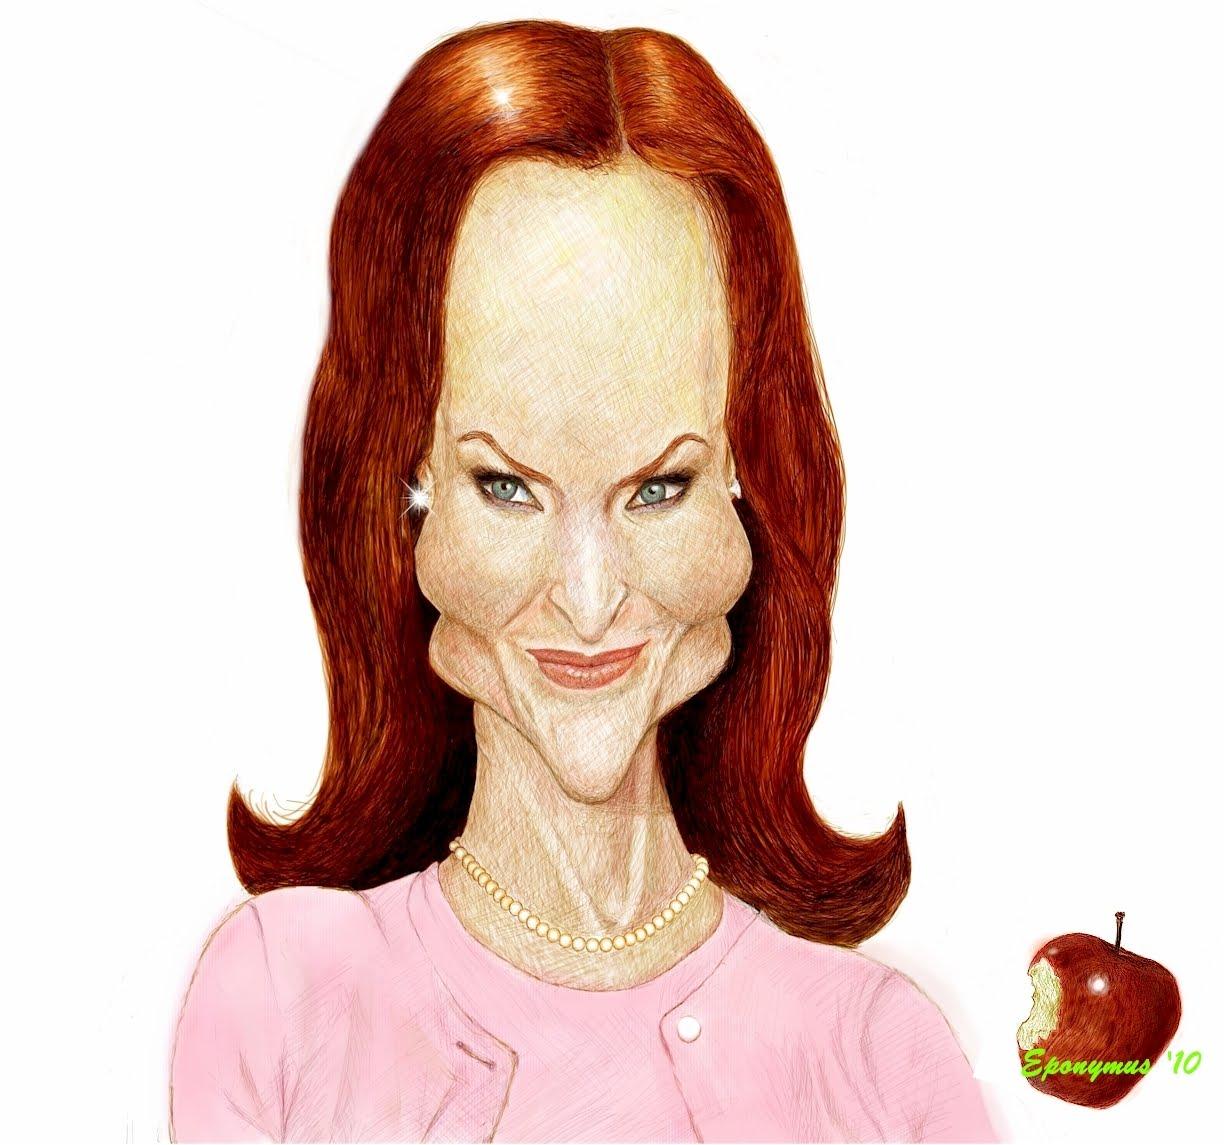 http://1.bp.blogspot.com/_vJ8JYChLWX8/S-1M1ofrmHI/AAAAAAAAAYU/_weRZ5gp2Io/s1600/Bree+-+Marcia+Cross.jpg